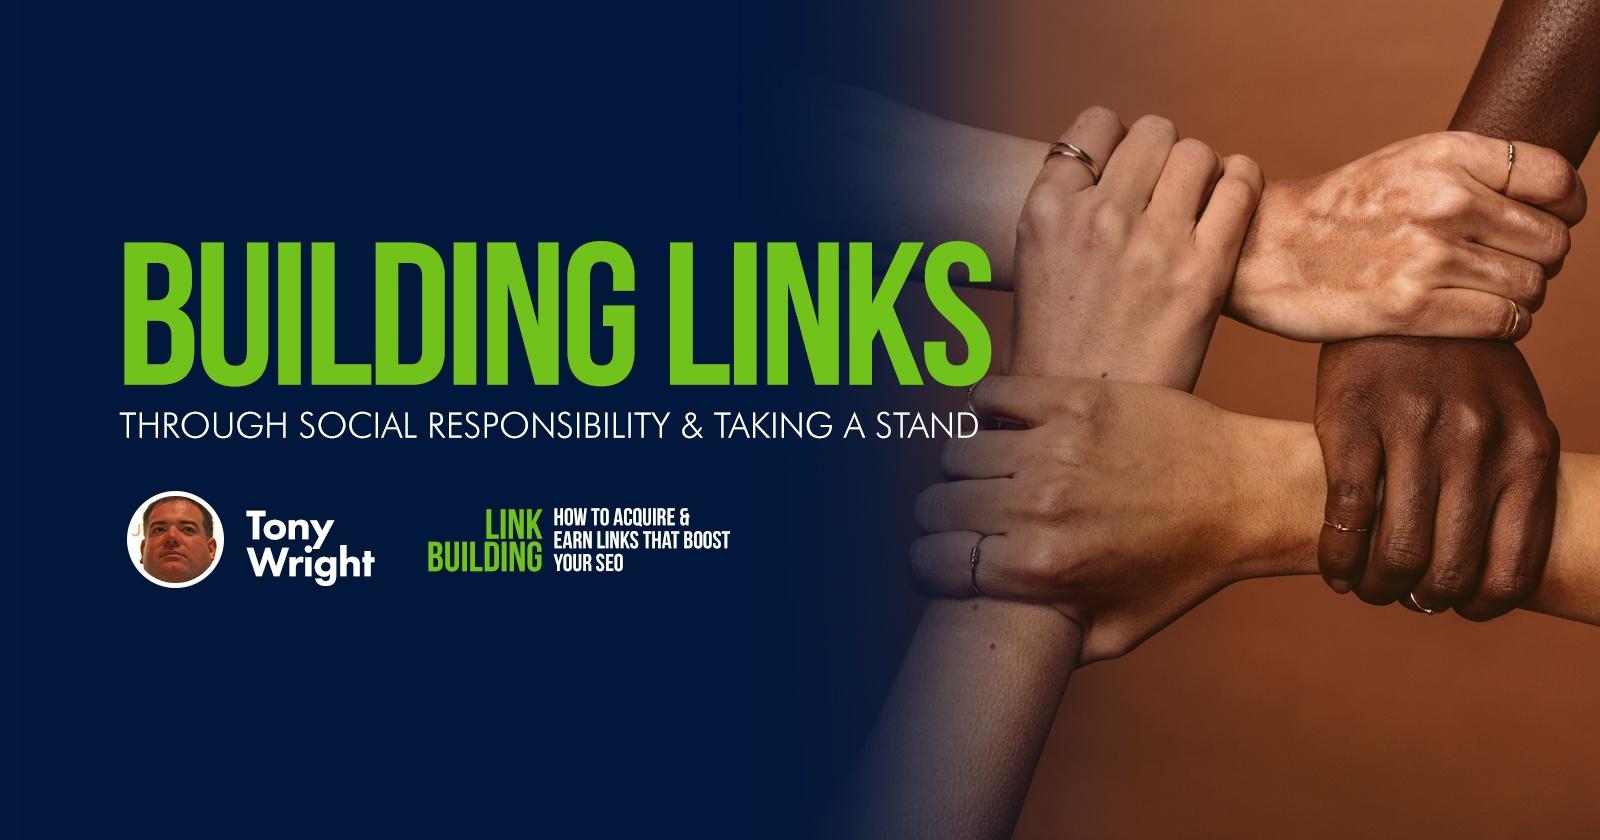 Construire des liens à travers la responsabilité sociale